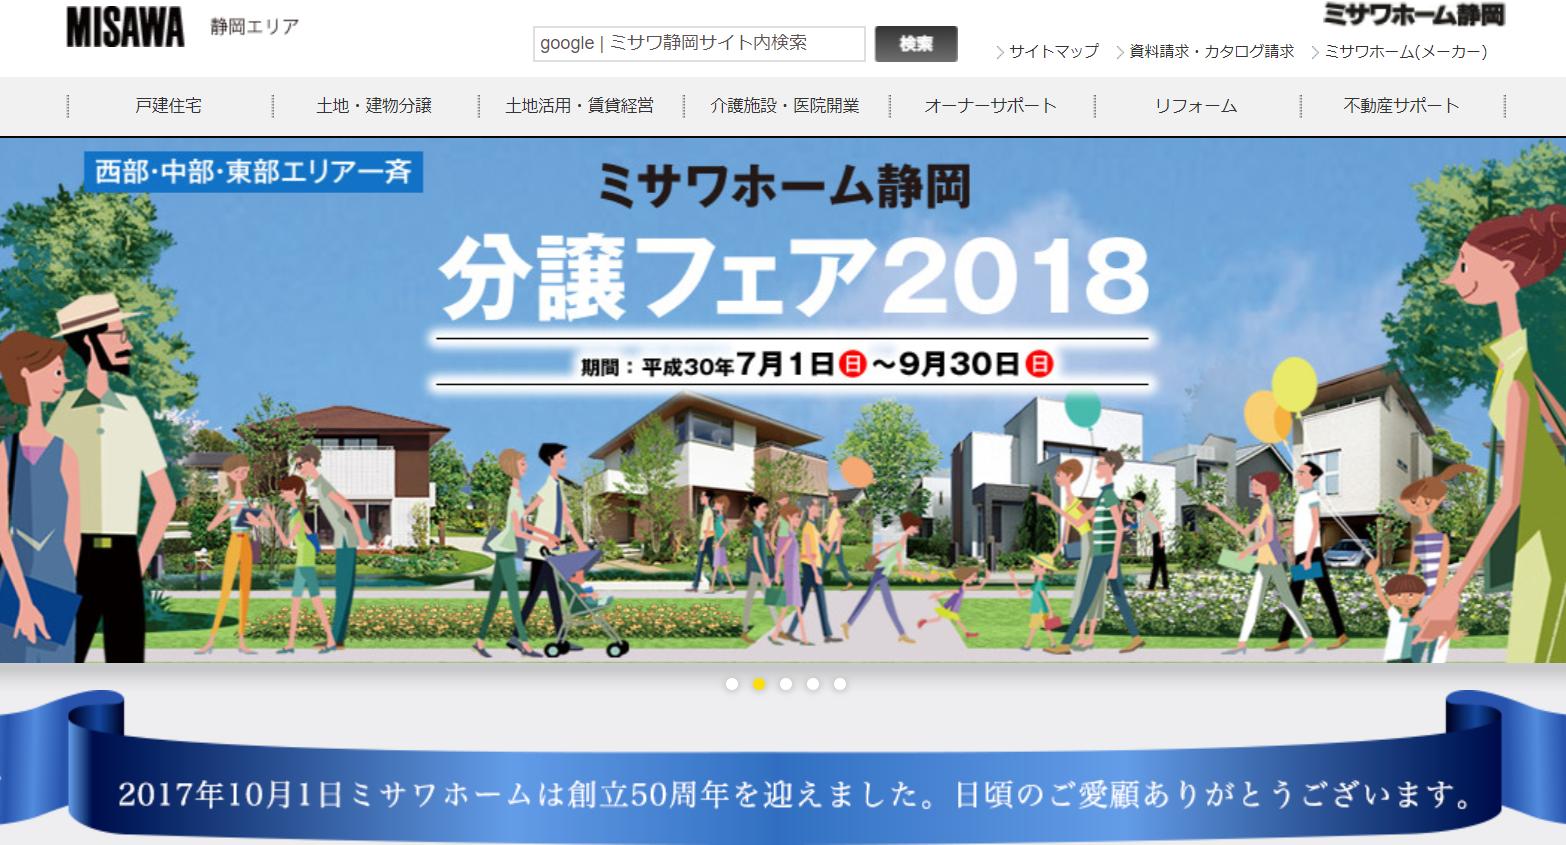 ミサワホーム静岡の評判・口コミ【静岡エリア】